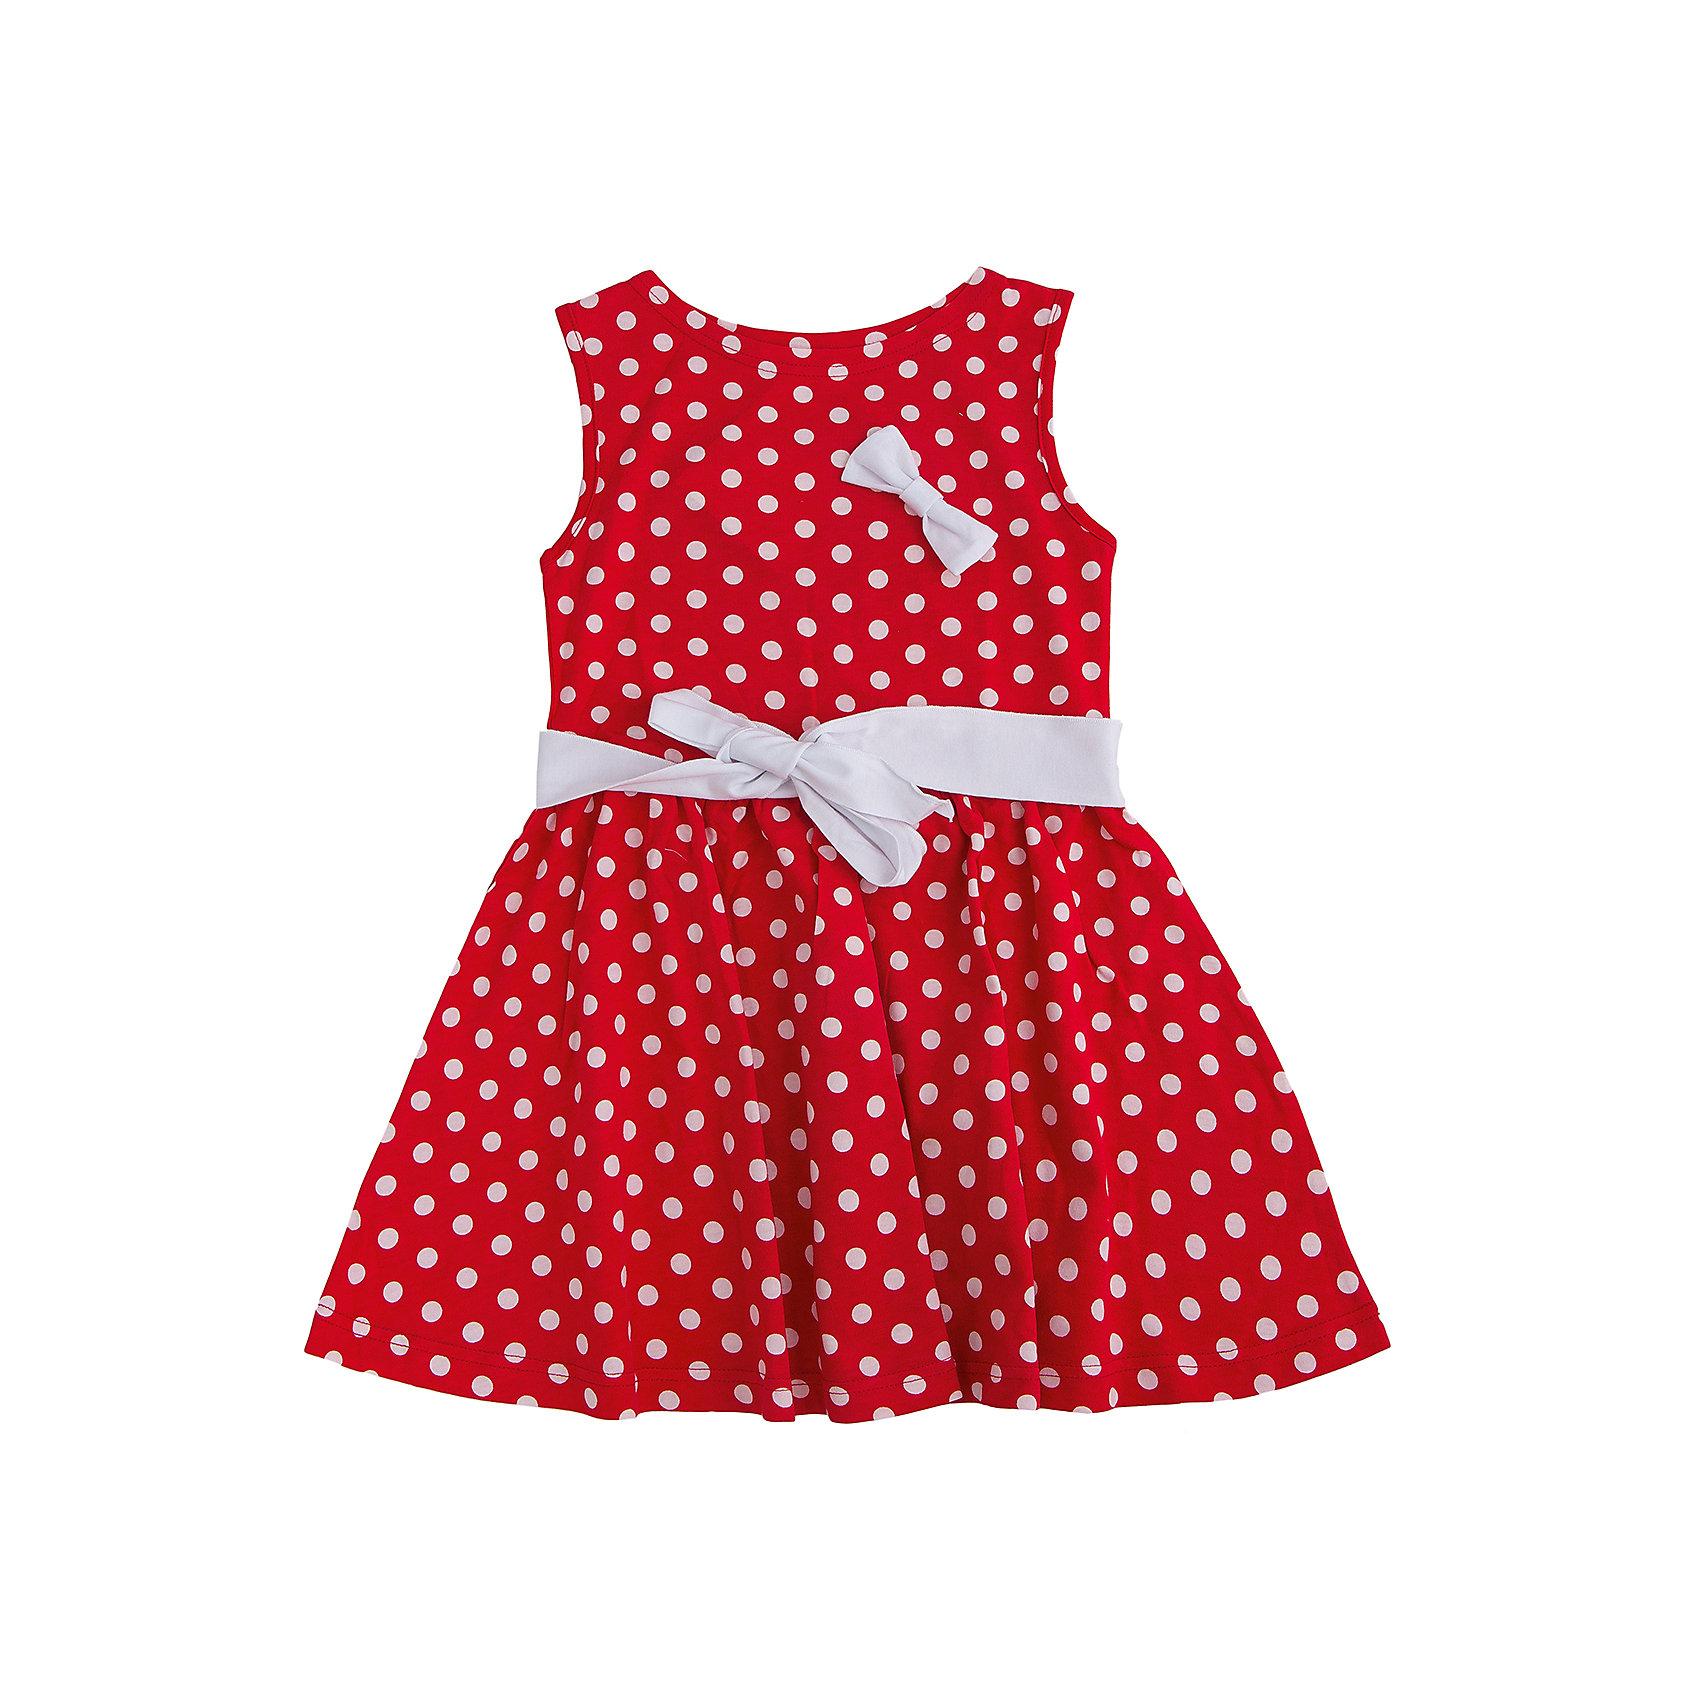 Платье АпрельВас волнует как летом  буде выглядеть Ваша дочь ? Купите  ей платье в горошек и она будет блистать и в садике на утреннике и на прогулке. Красивое сочетание черный горох на белом фоне. Черный горох  на белом фоне – это уникальное сочетание. К белому платью  в черный горох как, нельзя, кстати, подойдут красные дополнения: пояс и брошь.<br><br>Дополнительная информация: <br><br>- вырез горловины: округлый вырез<br>- декоративные элементы: банты<br>- длина рукава: без рукавов<br>- длина изделия: по спинке: 56 см<br>- ширина рукава: пройма: 17 см<br>- вид застежки: без застежки<br>- особенности ткани: мягкая<br>- рукав: ширина проймы: 15 см<br>- материал подкладки: без подкладки: 100 %<br>- сезон: лето<br>- пол: девочки<br>- фирма-производитель: Апрель<br>- страна производитель: Россия<br>- комплектация: пояс, брошь, платье<br>- цвет: белый, черный, красный<br><br>Платье  от торговой марки Апрель можно купить в нашем интернет-магазине.<br><br>Ширина мм: 236<br>Глубина мм: 16<br>Высота мм: 184<br>Вес г: 177<br>Цвет: красно-белый<br>Возраст от месяцев: 72<br>Возраст до месяцев: 84<br>Пол: Женский<br>Возраст: Детский<br>Размер: 122,134,110,104,128,116,98,140<br>SKU: 4630515